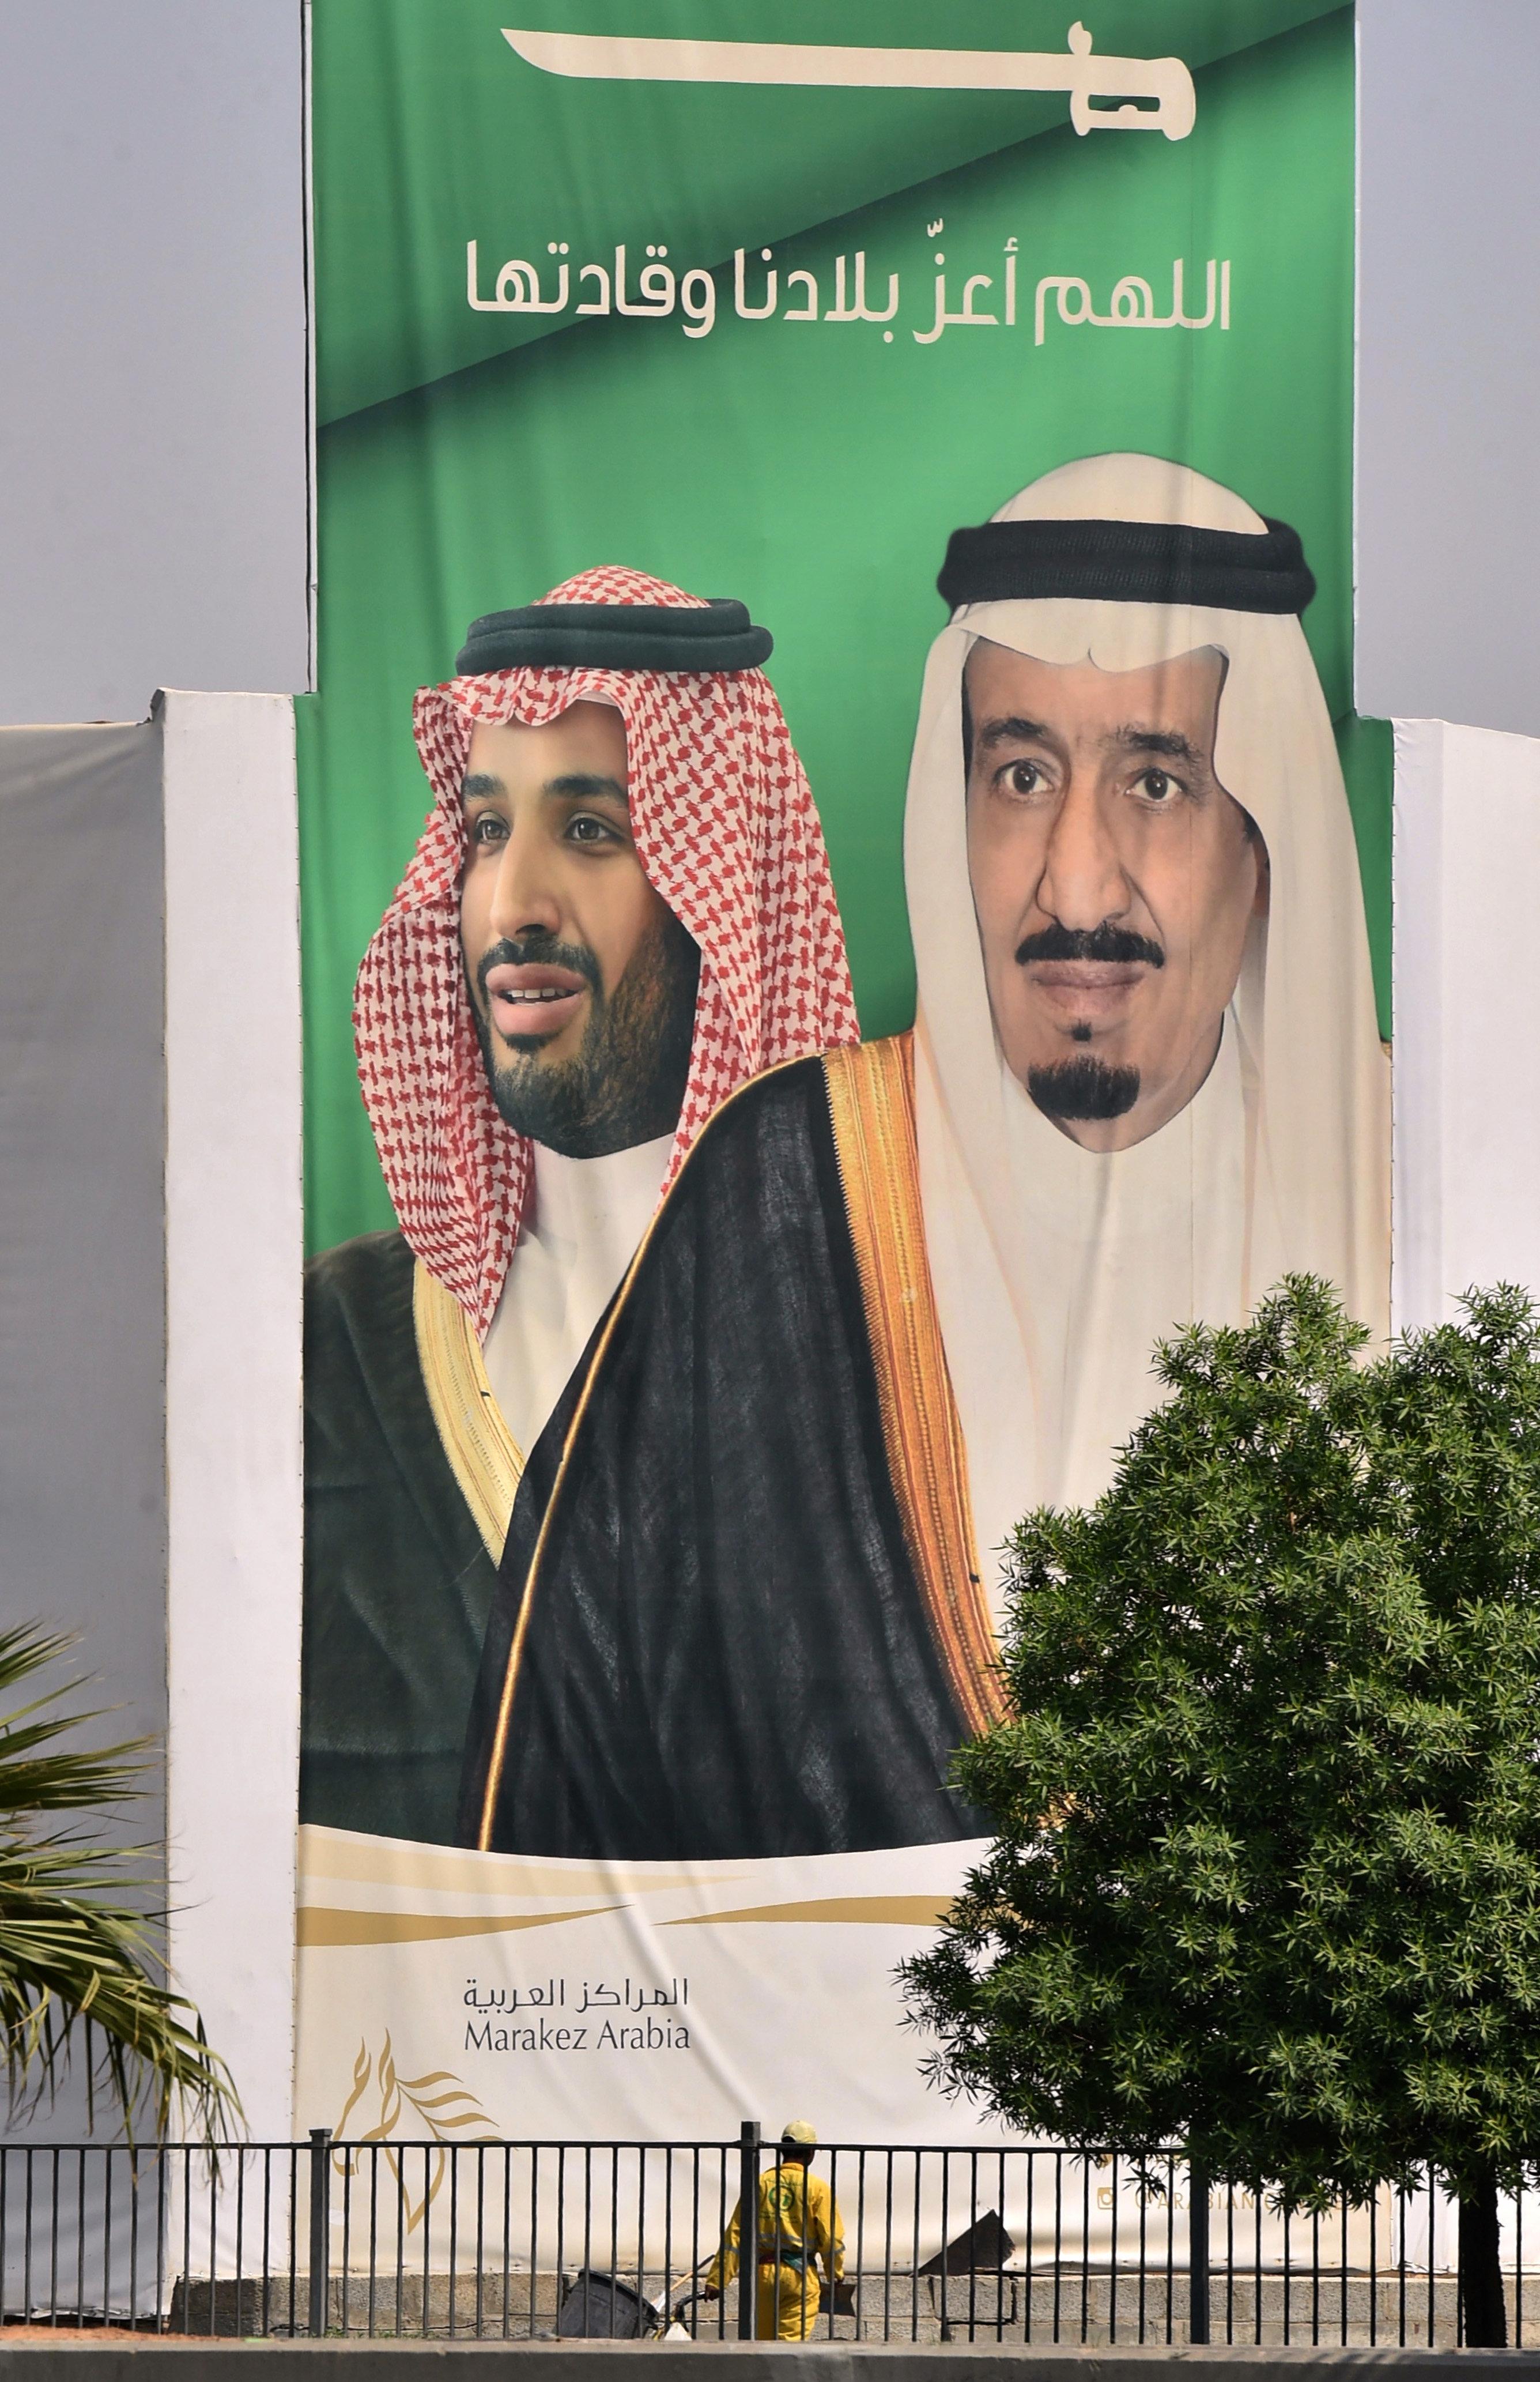 Ο βασιλιάς και ο πρίγκιπας διάδοχος της Σ. Αραβίας συναντήθηκαν με τον γιο του